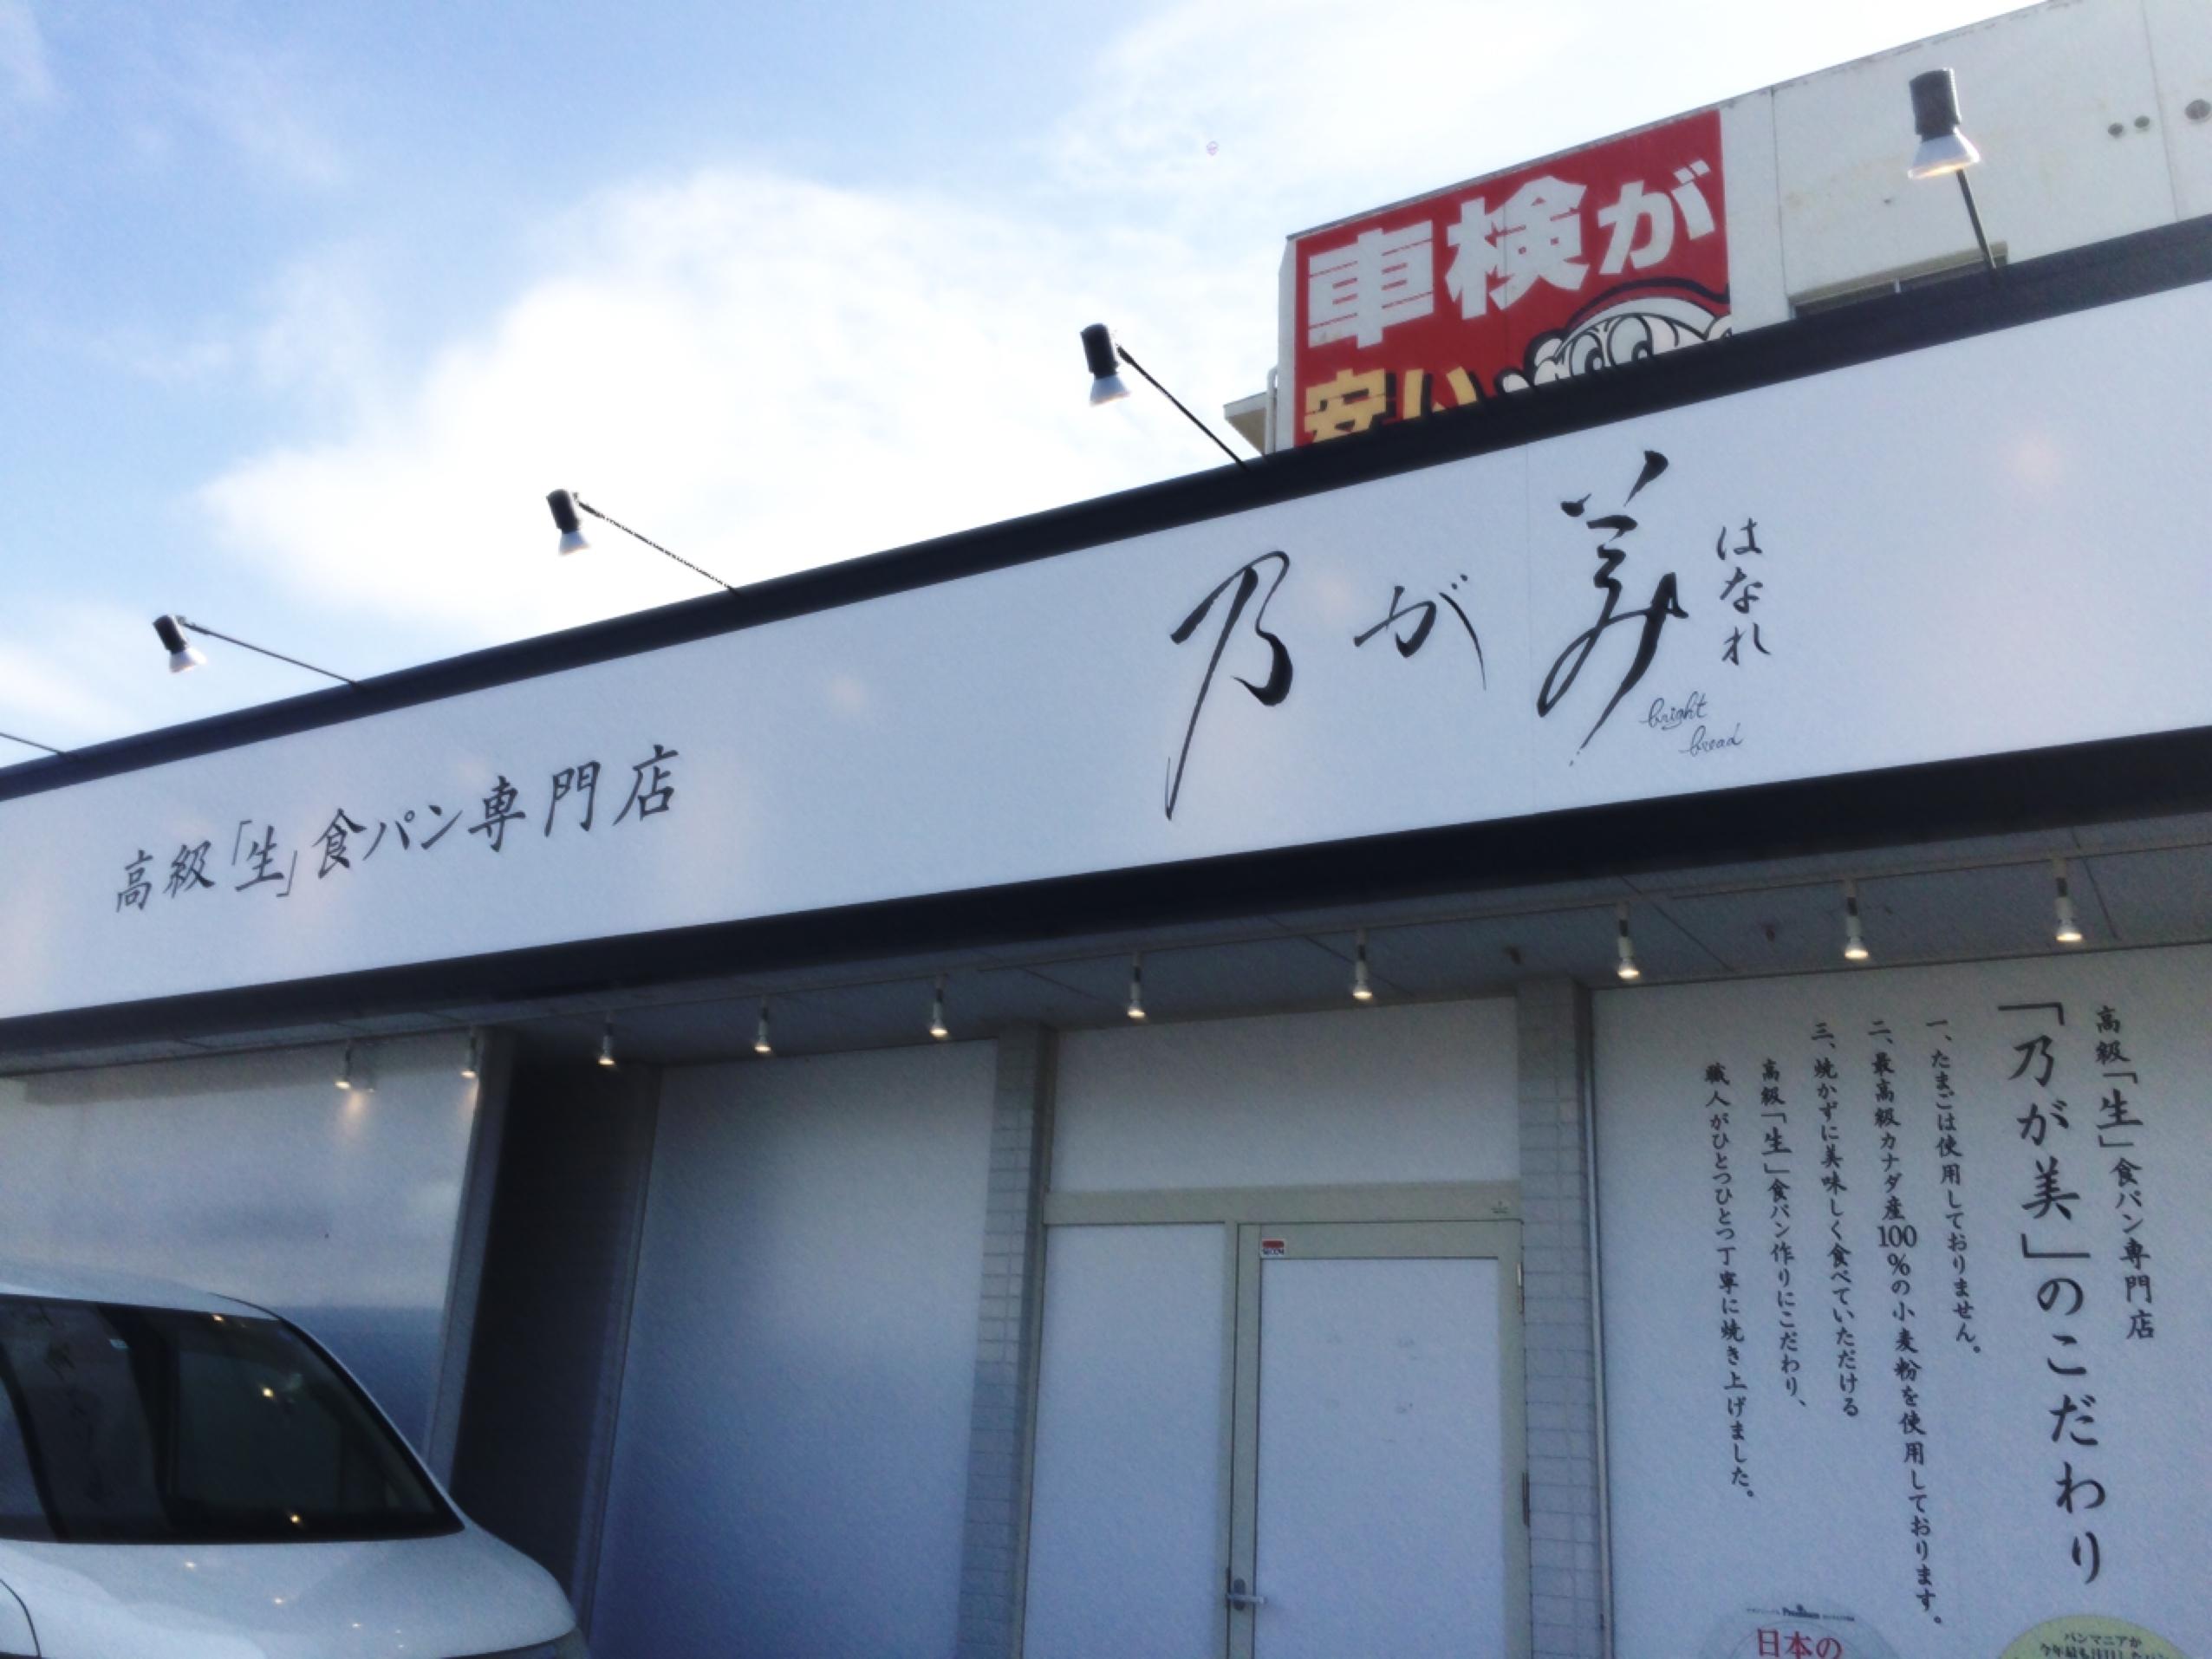 超有名店!「エミフルMASAKI」すぐそば!高級「生」食パン専門店「乃が美はなれ」がオープンしたので行ってきたよ!